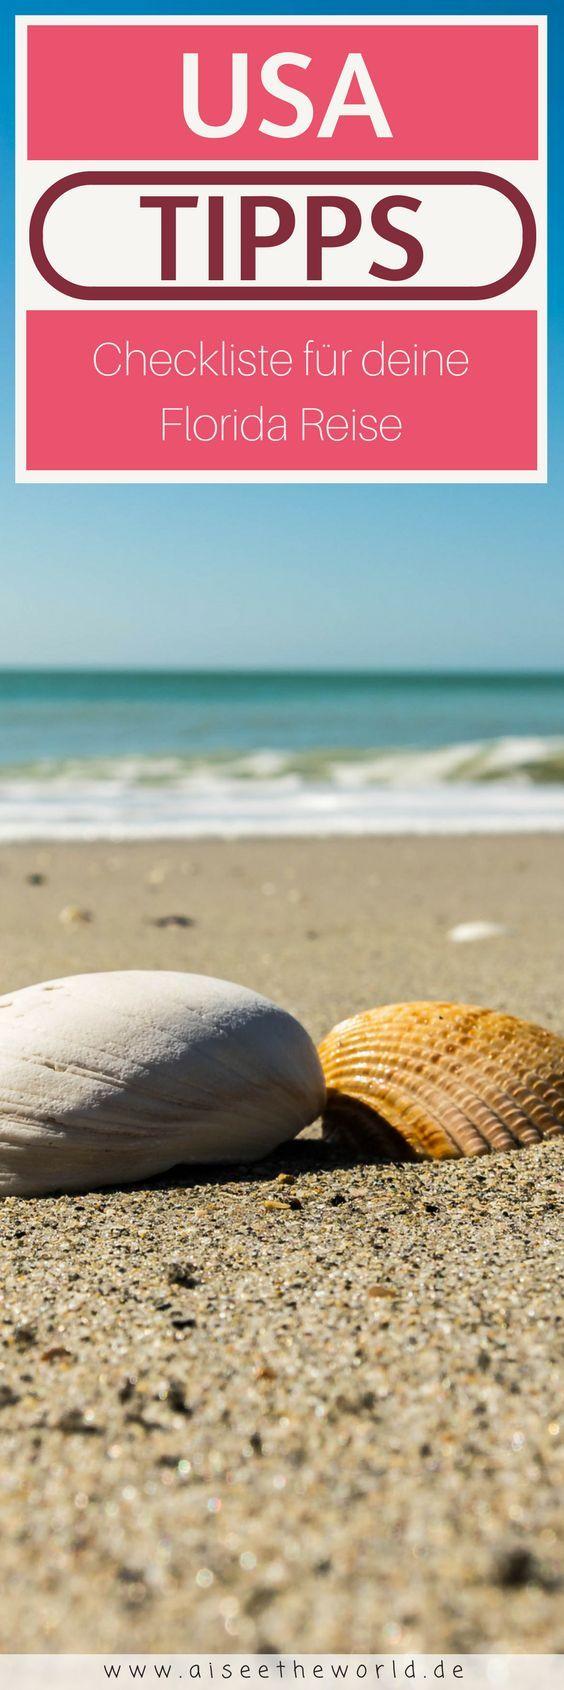 Checkliste für deine Florida Reise. Du Vorbereitungen für deinen Urlaub in Florida laufen auf Hochtouren? Was darfst du nicht vergessen. Ist dein ESTA genehmigt? Was darf in den Koffer? Hotels. Mietwagen. Flüge.